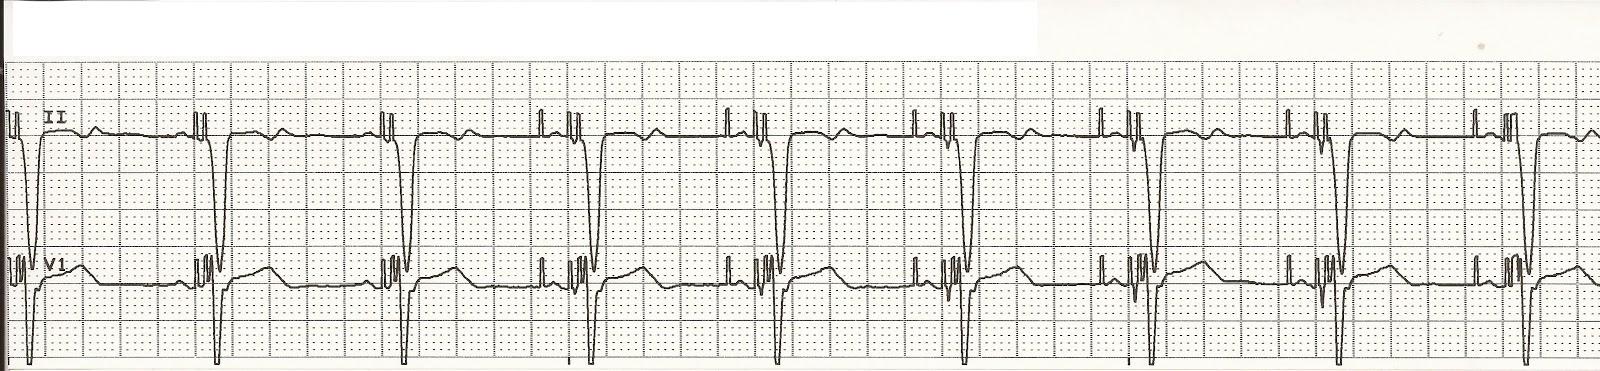 Float Nurse: EKG Rhythm Strips 70